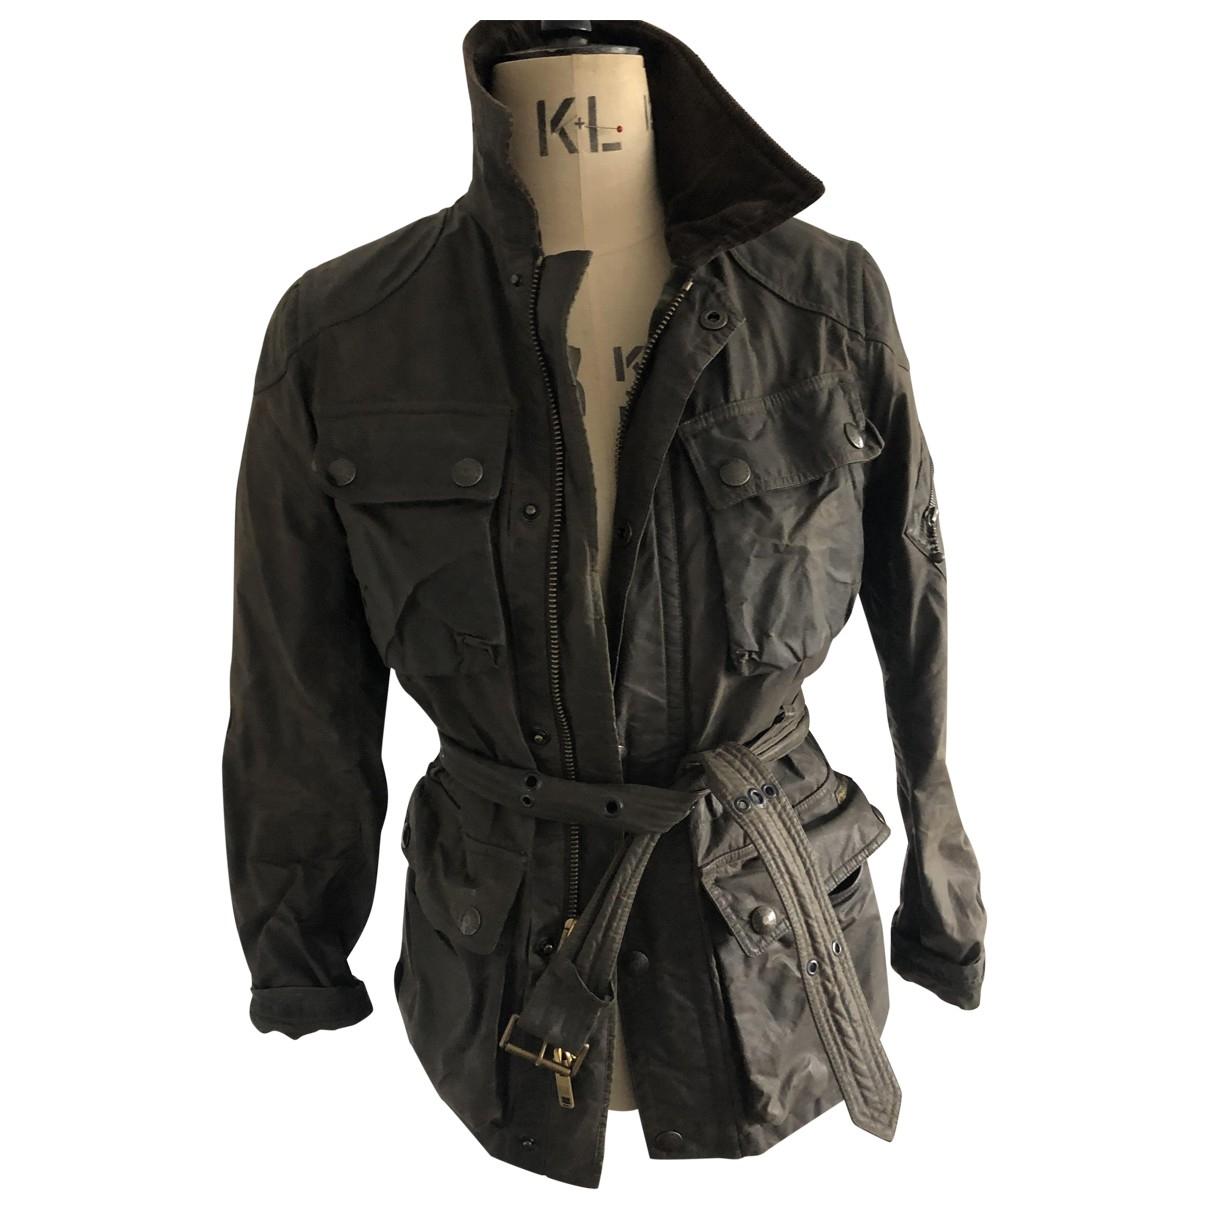 Polo Ralph Lauren - Veste   pour femme en cuir - kaki